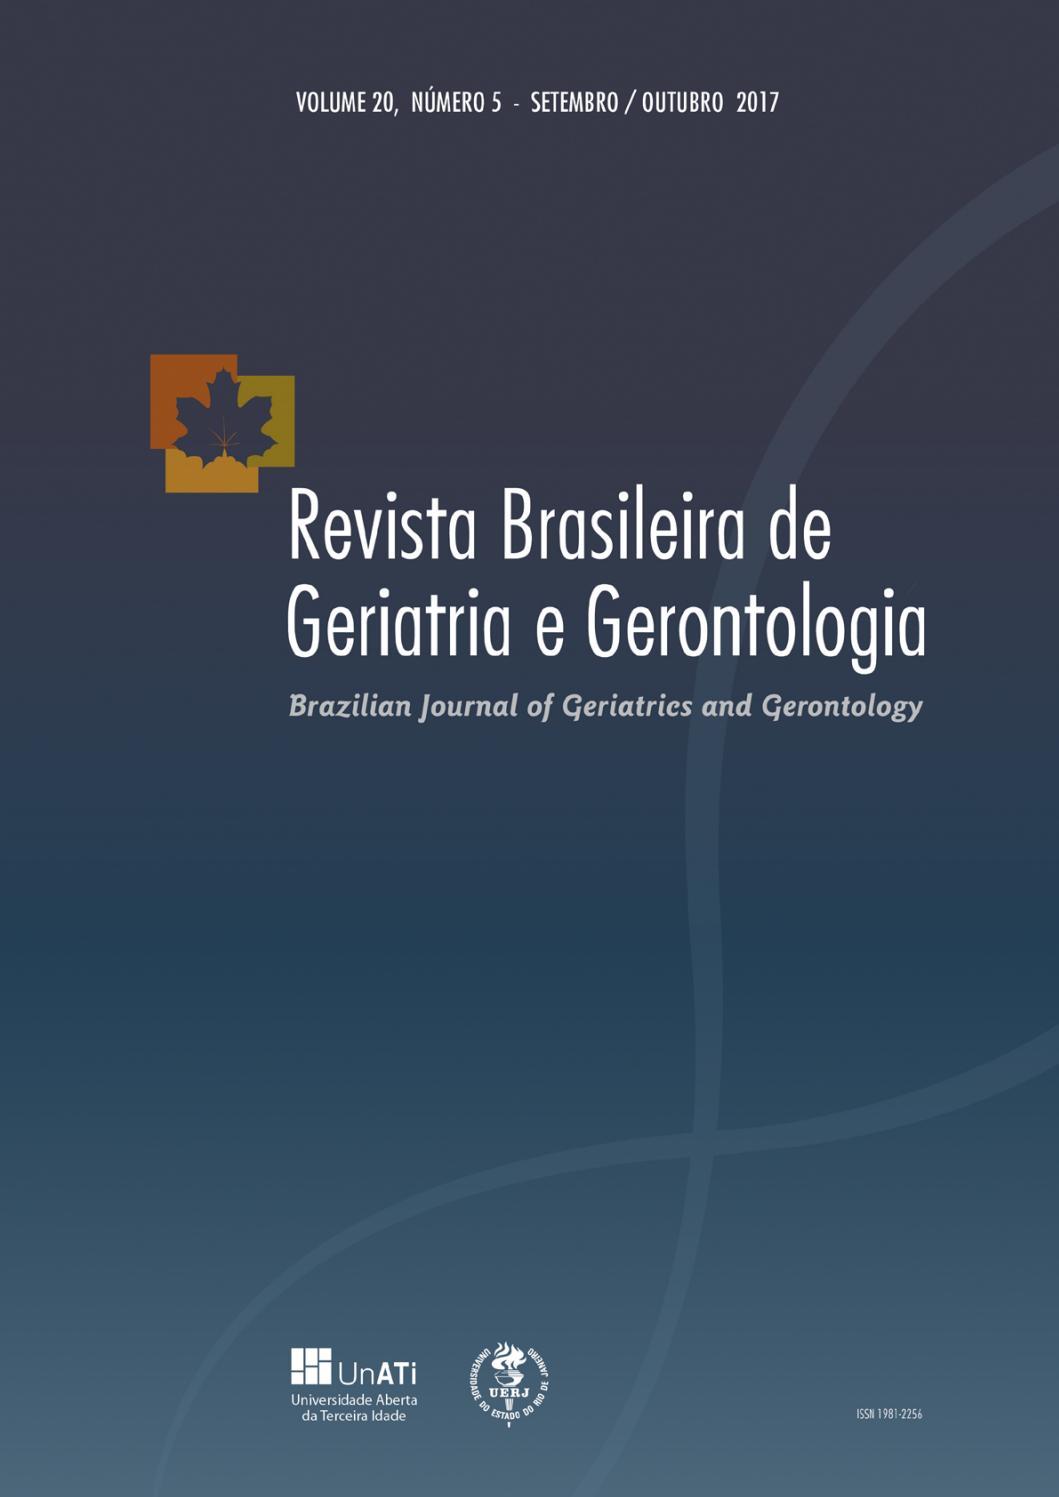 f44ceea8ff93f RBGG Vol. 20 Nº5 - Setembro Outubro 2017 - PORTUGUÊS by Revista Brasileira  de Geriatria e Gerontologia - RBGG - issuu